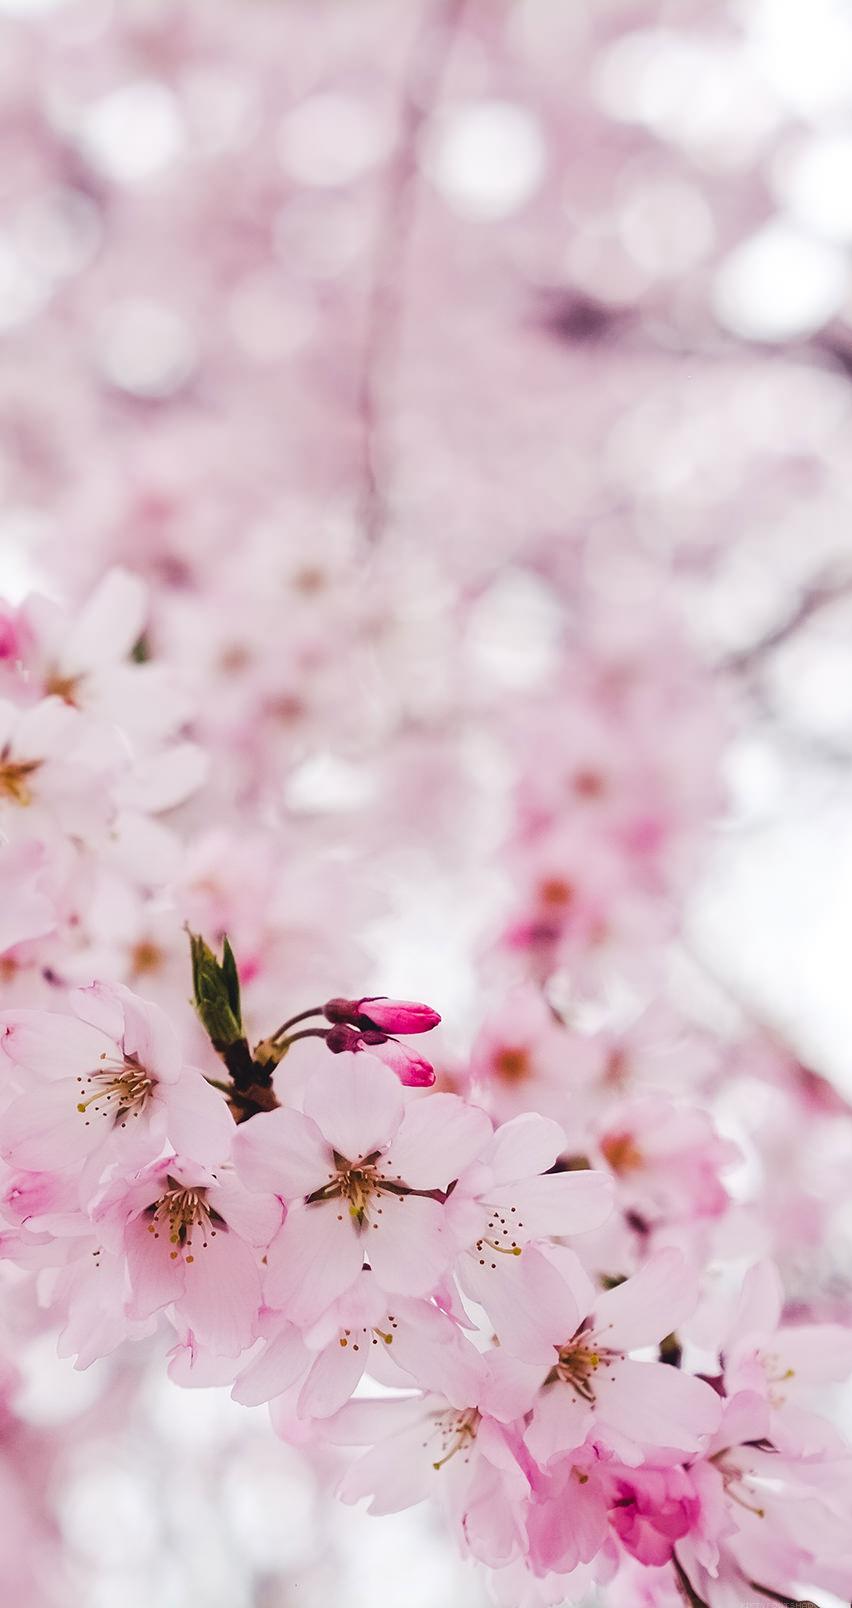 かわいいサクラの花 Iphone6壁紙 Wallpaperbox